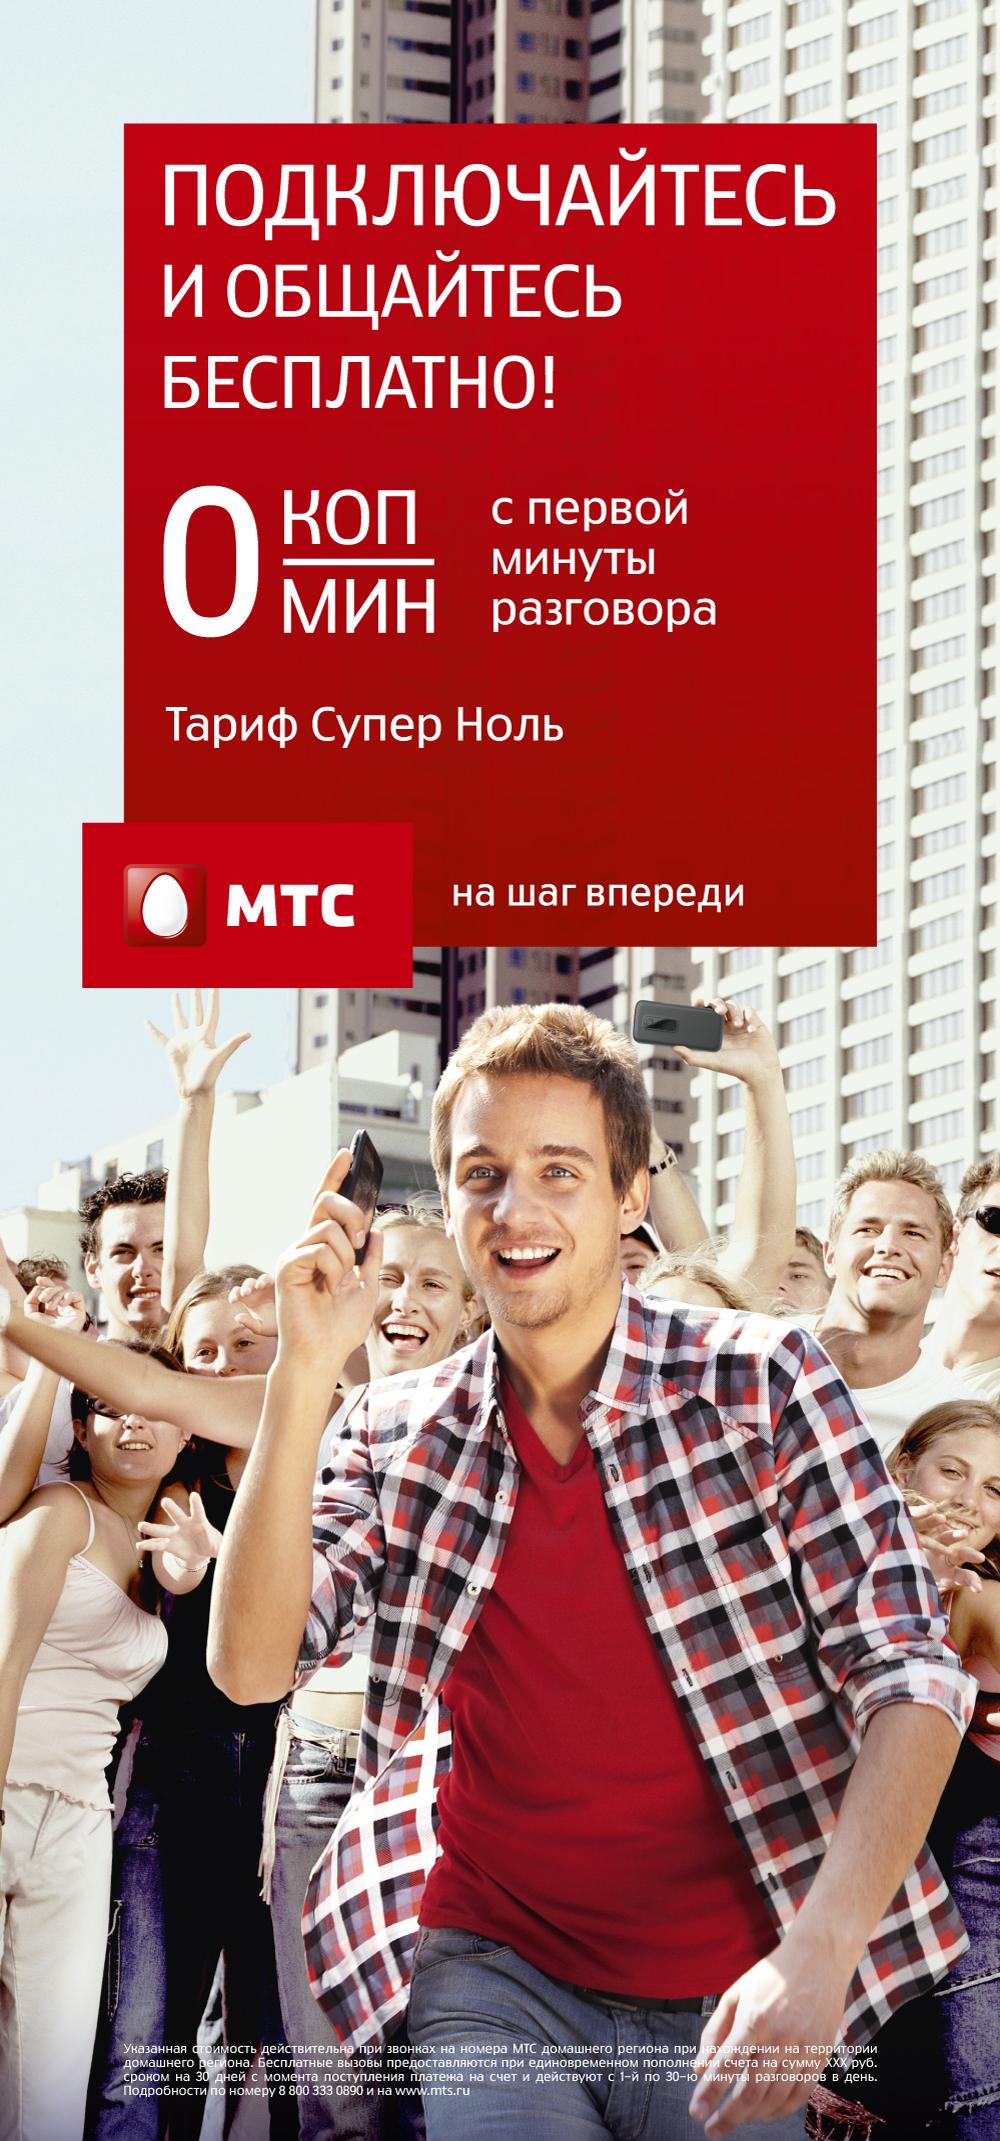 Реклама мтс по россии 2 6 фотография